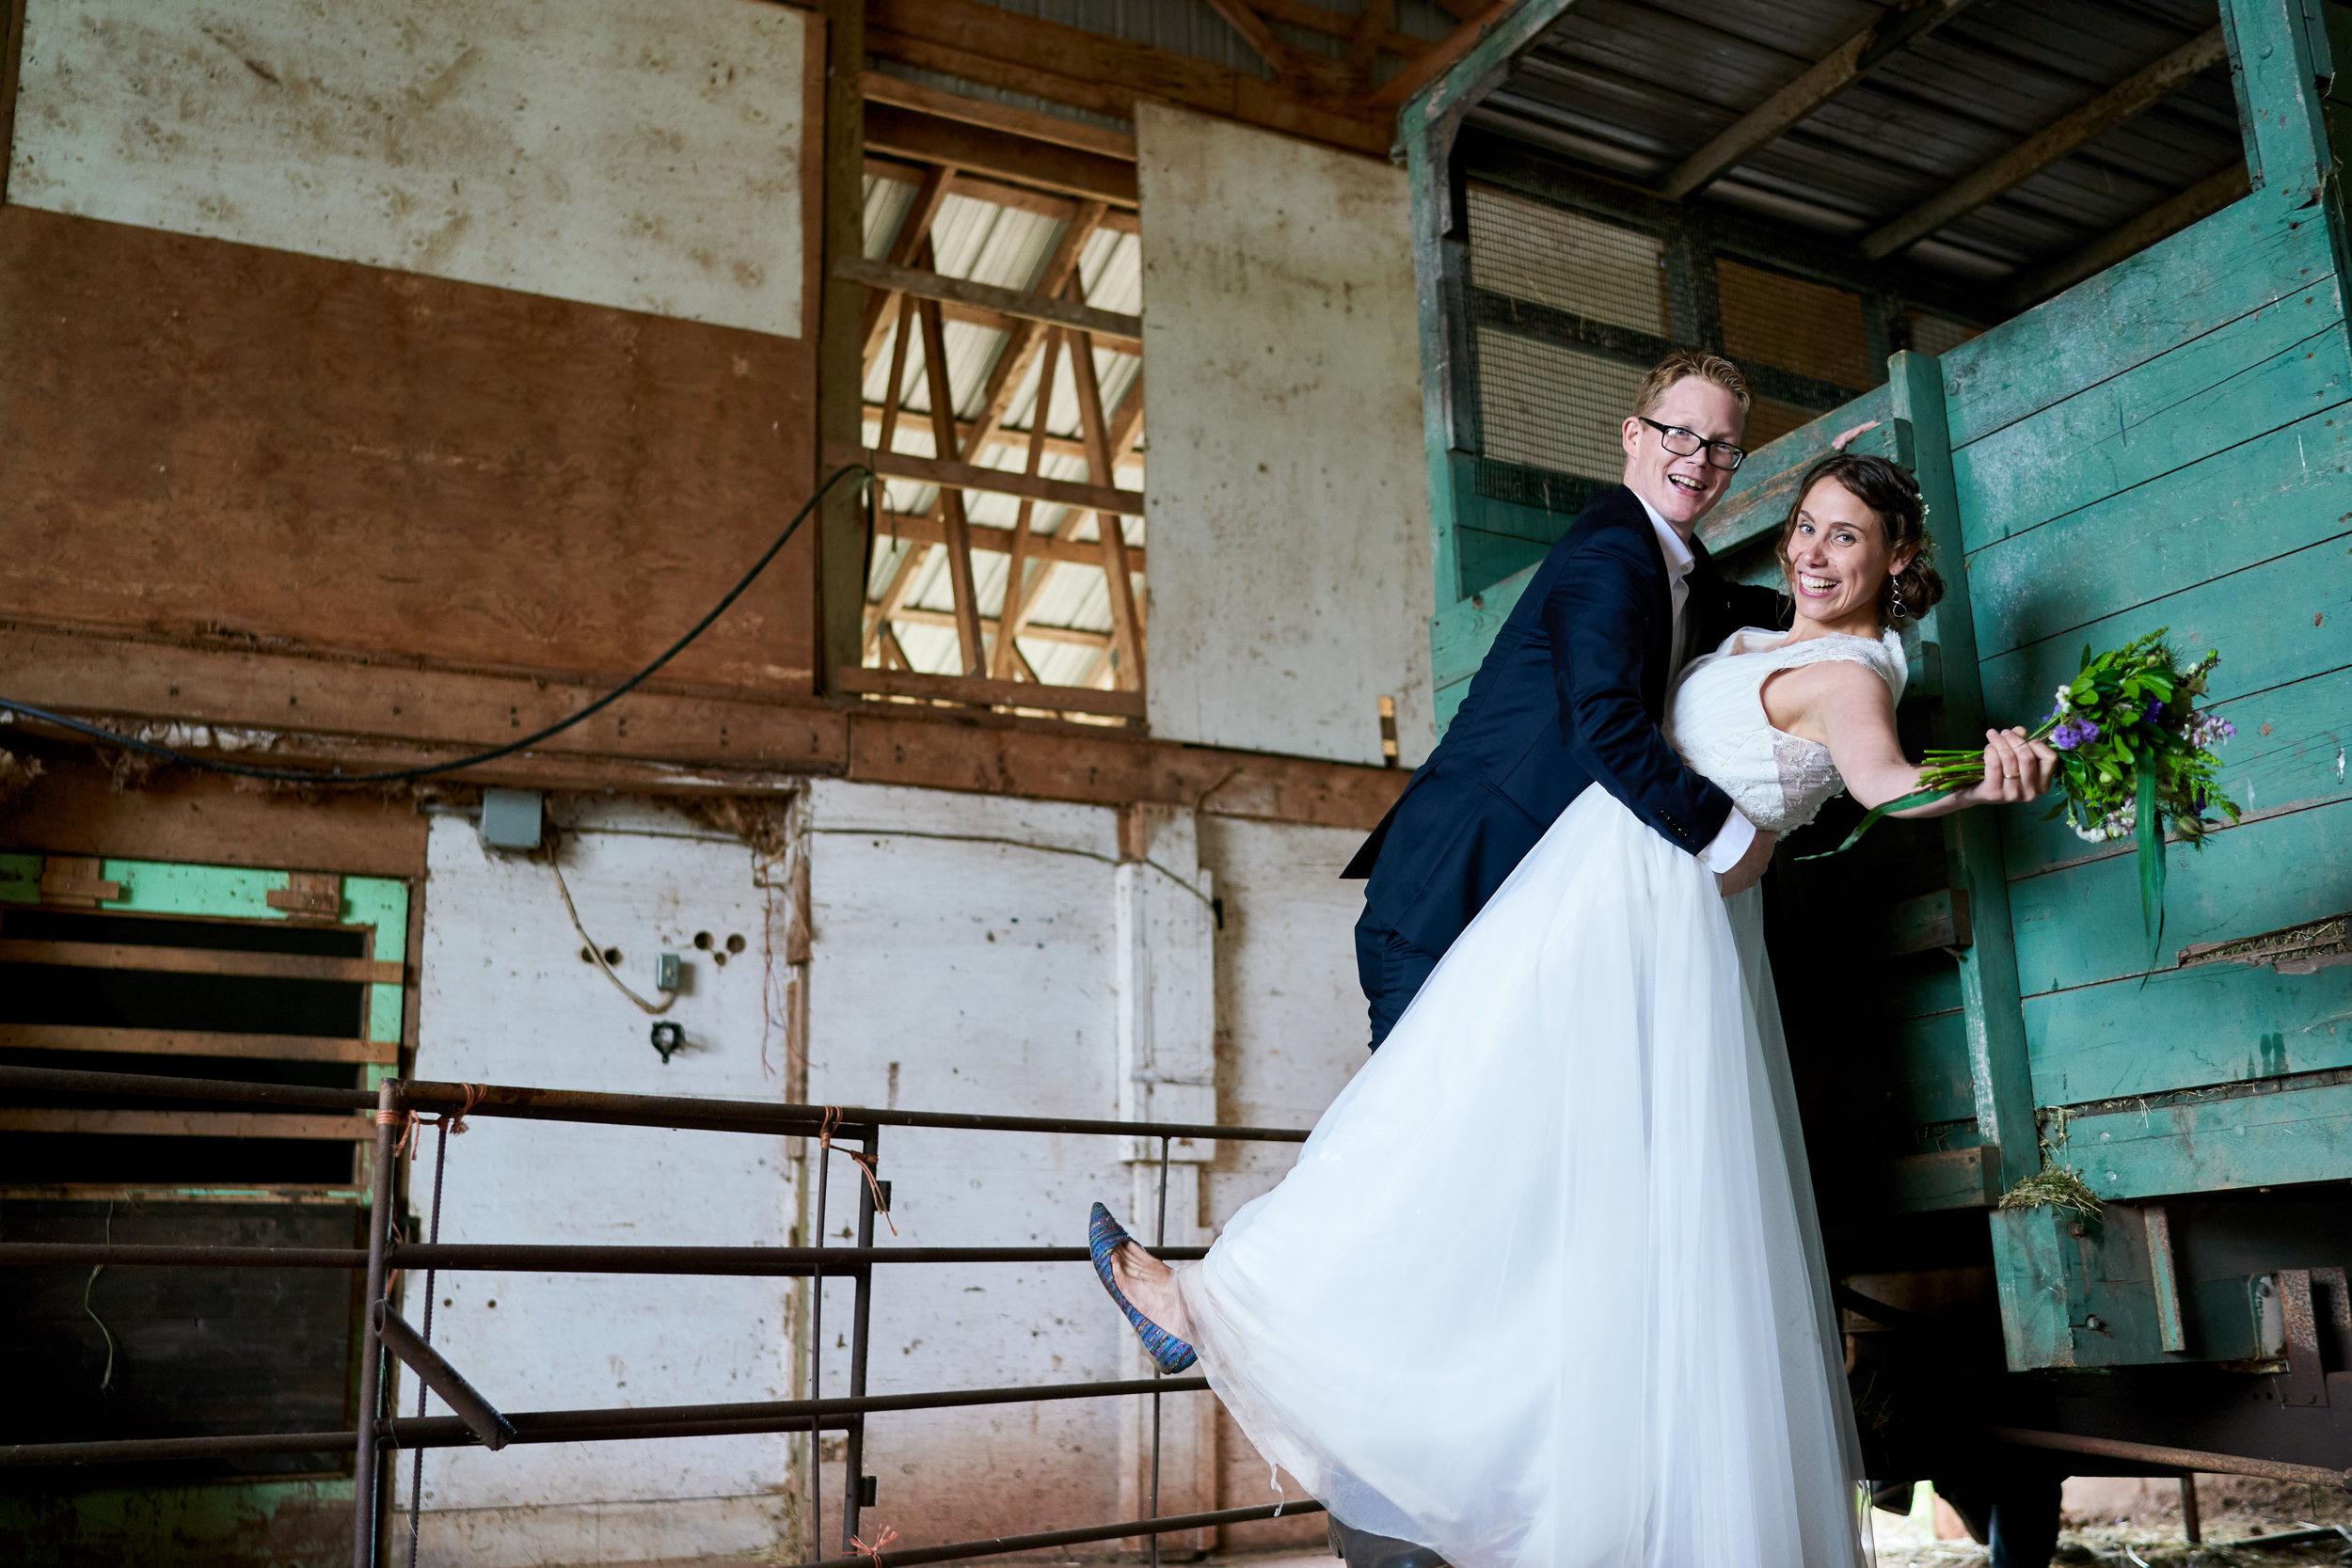 Amy-Lee & James' Wedding 541.jpg